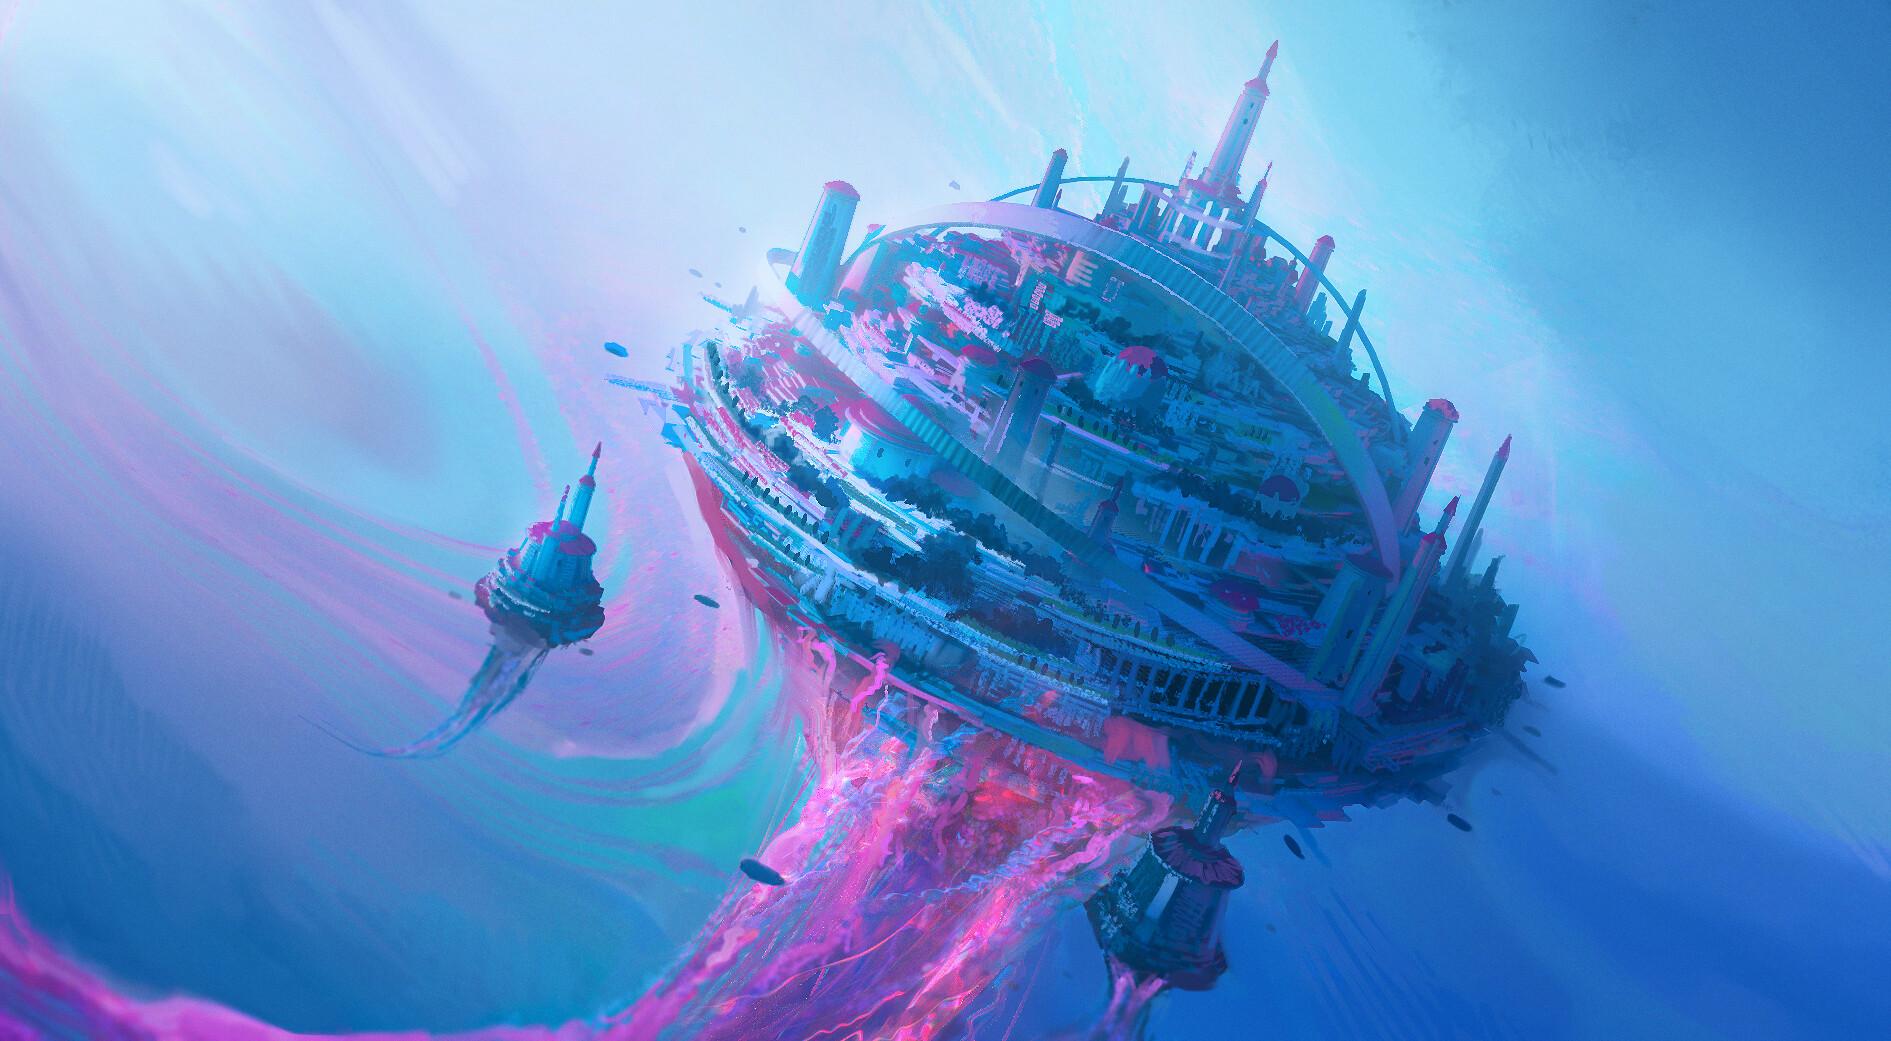 Leon tukker jellyfishscene color sketch